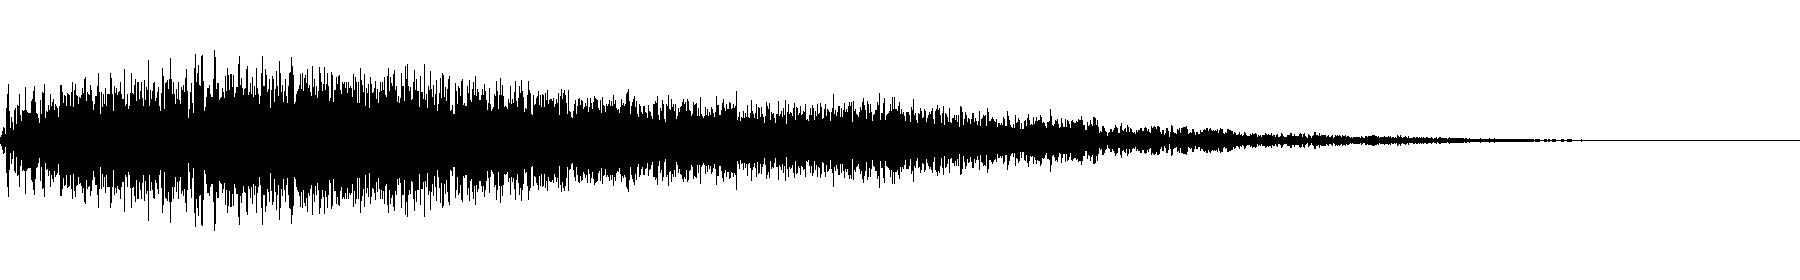 vfx1 atmos 69